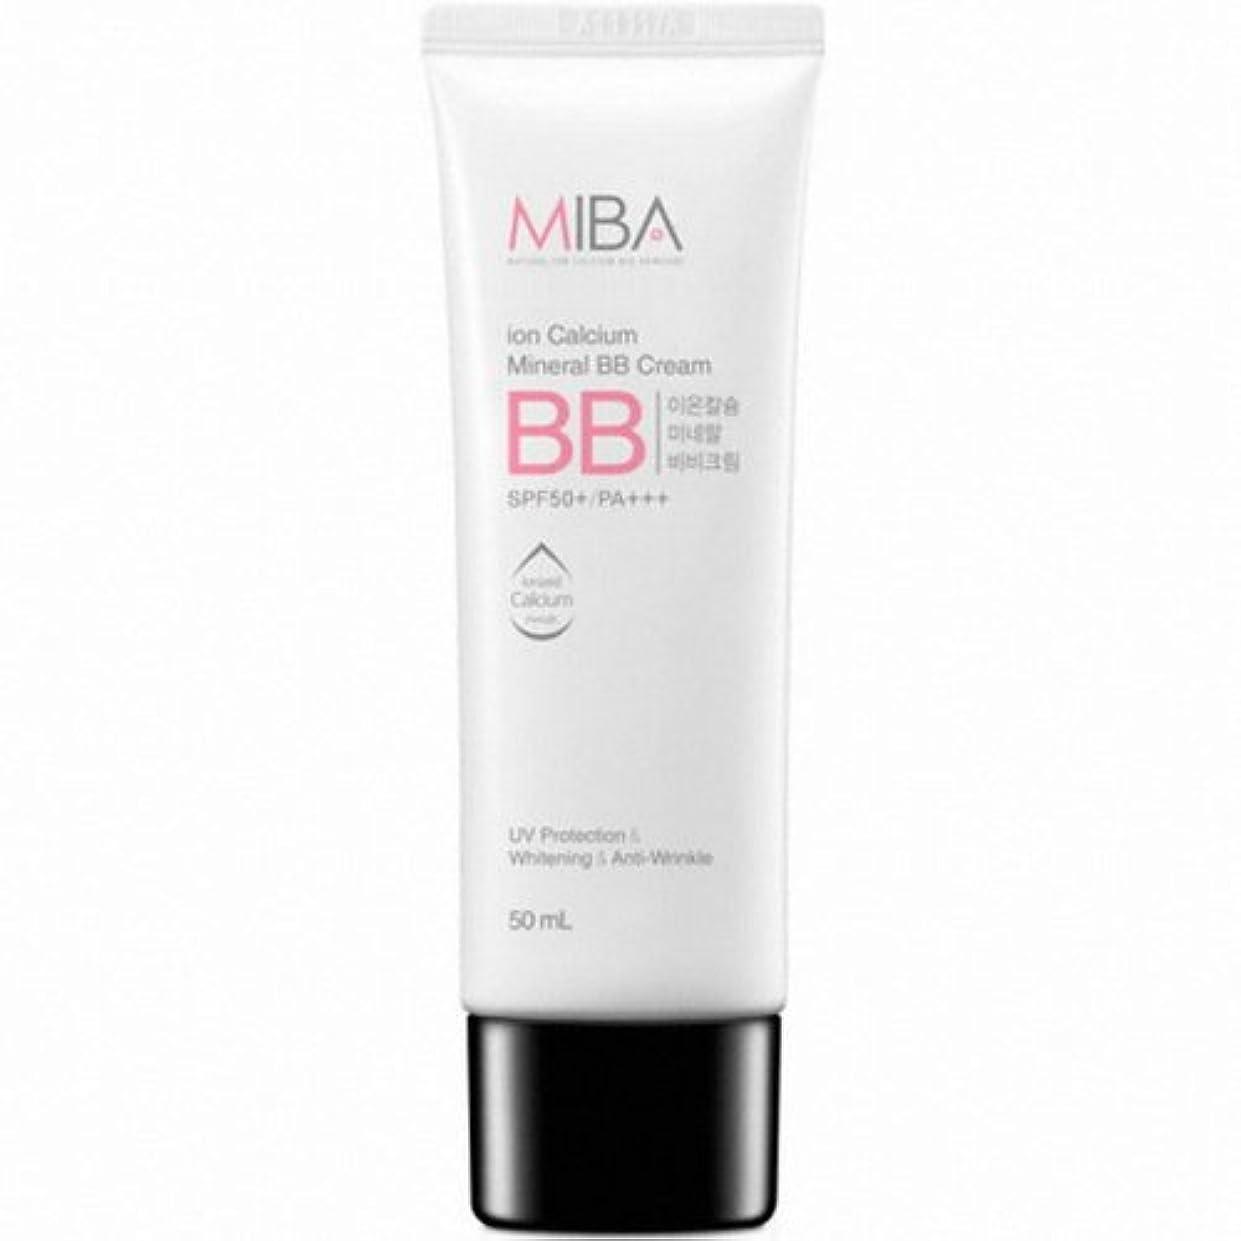 ゴルフ残酷な思いやりのあるMINERALBIO (ミネラルバイオ) ミバ イオン カルシウム ミネラル ビビクリーム / MIBA Ion Calcium Mineral BB Cream (50ml) [並行輸入品]